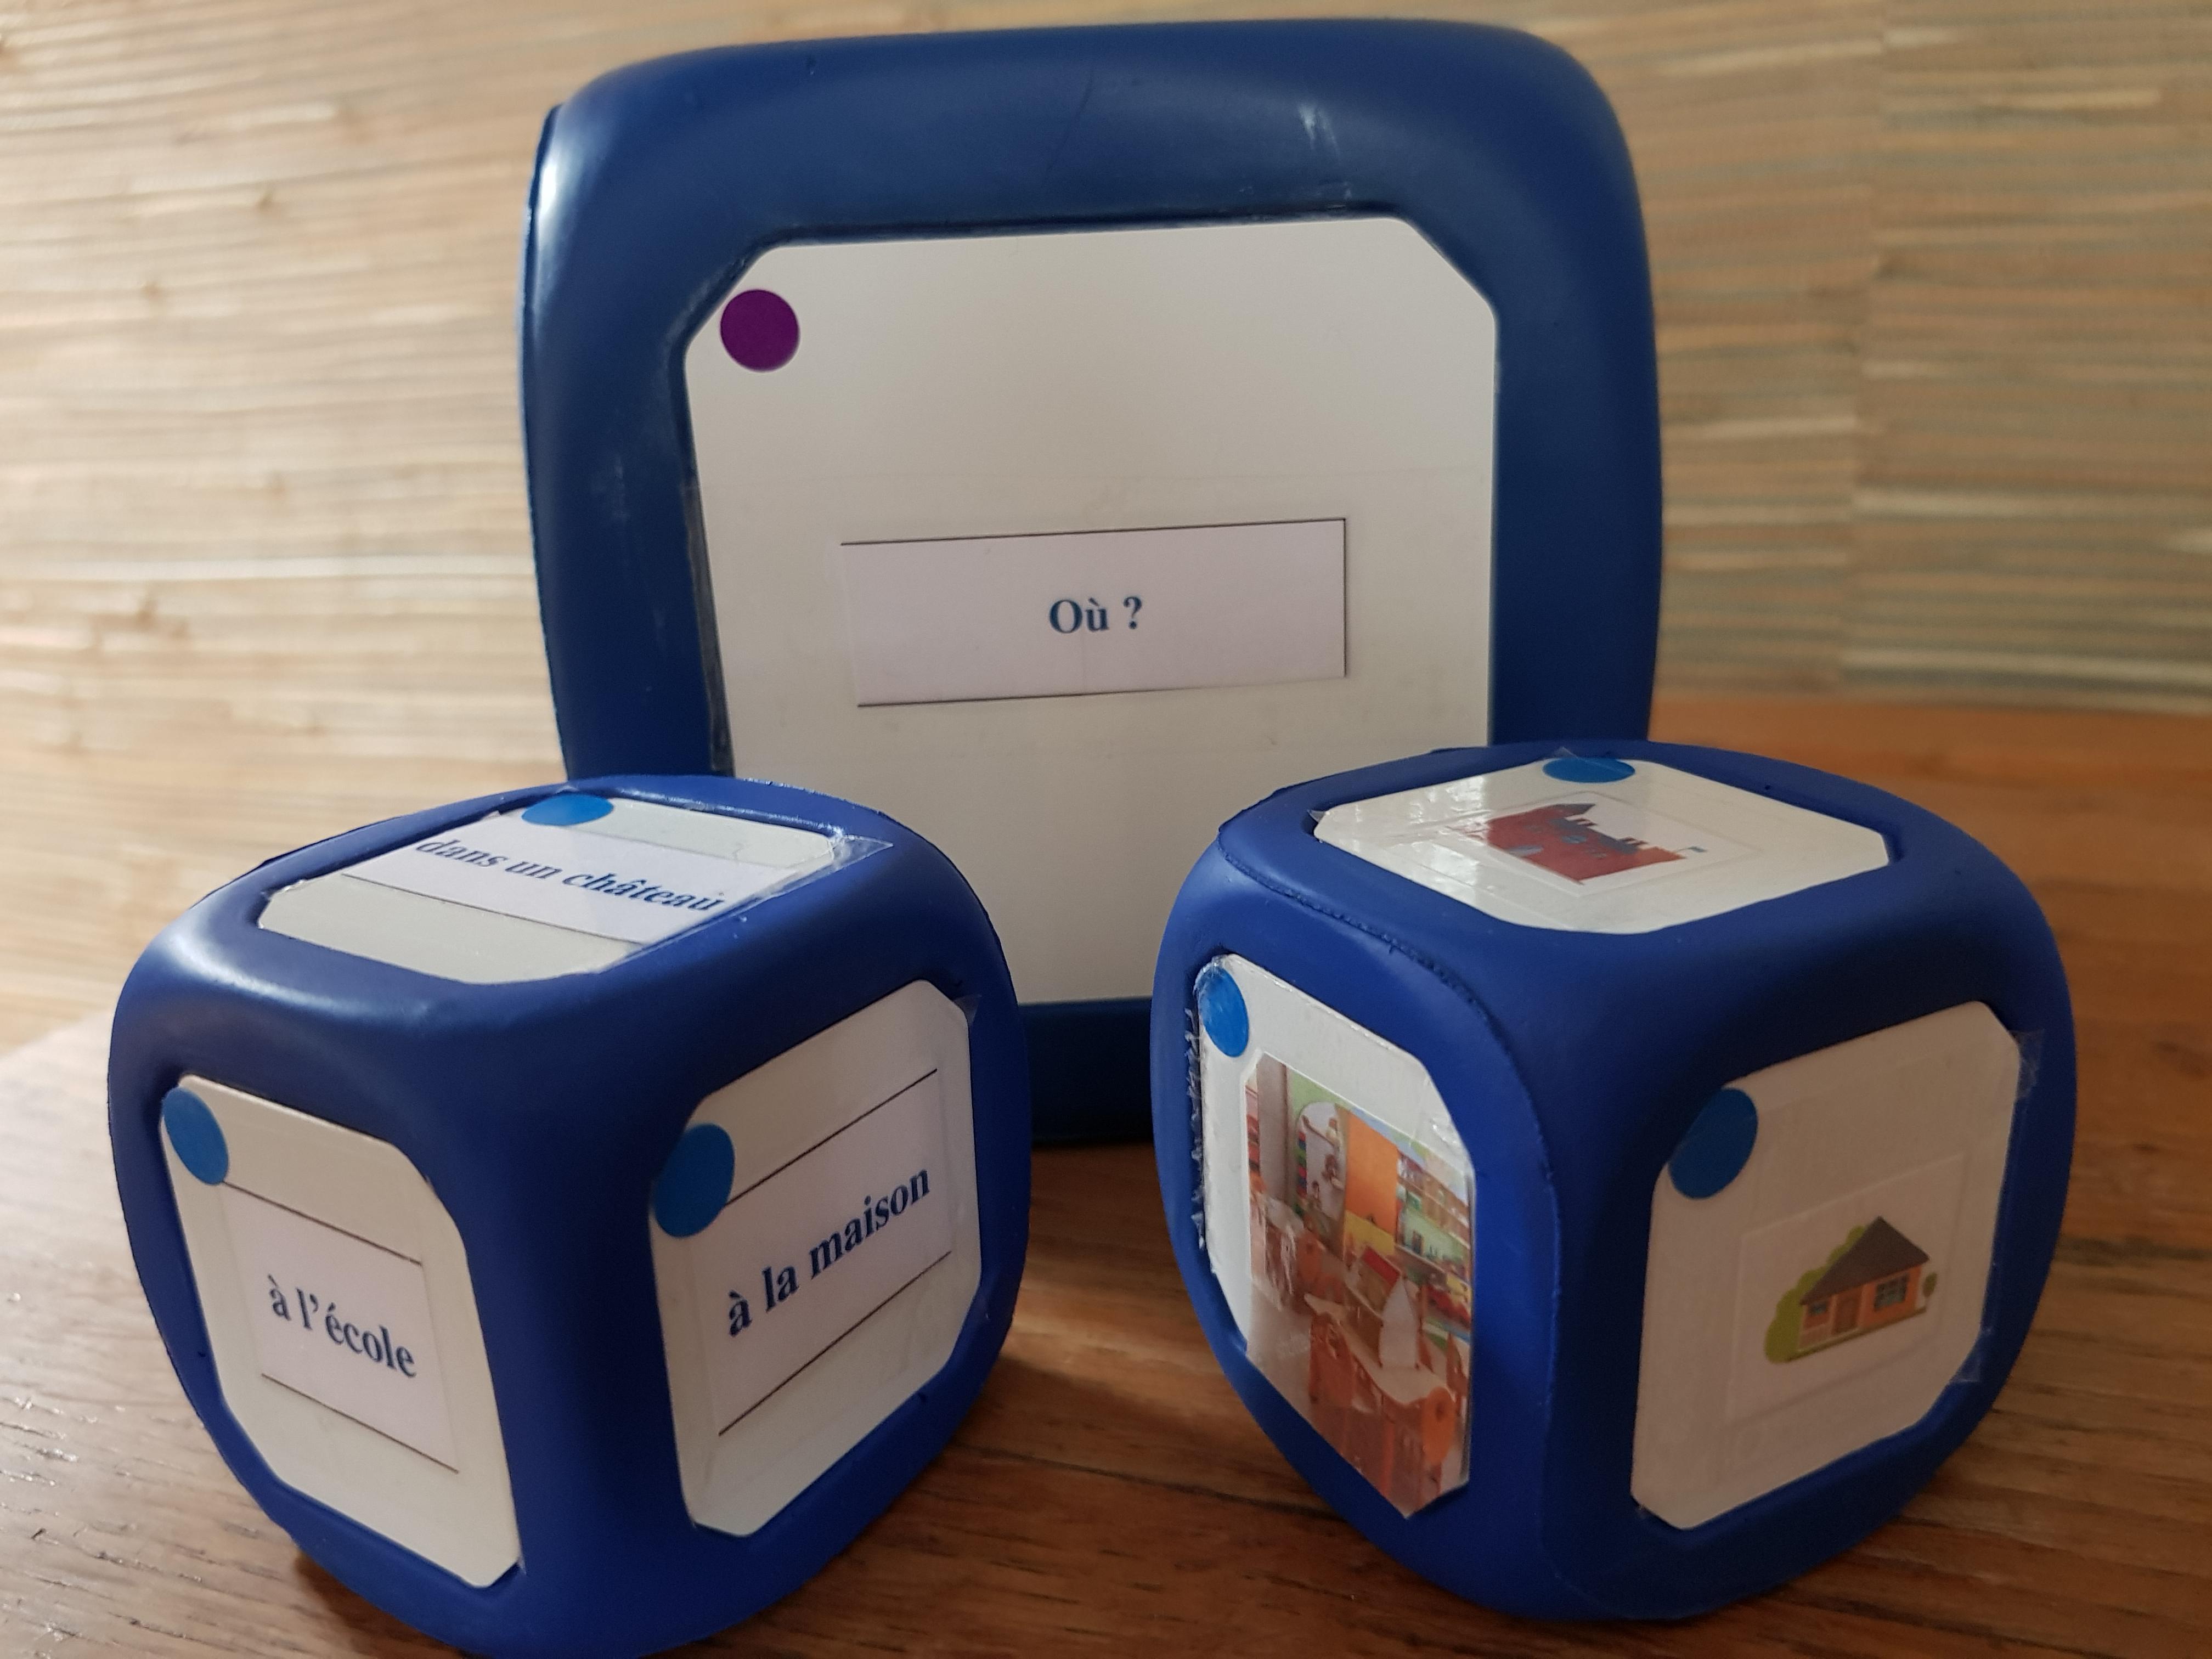 Petits cubes écriture et image